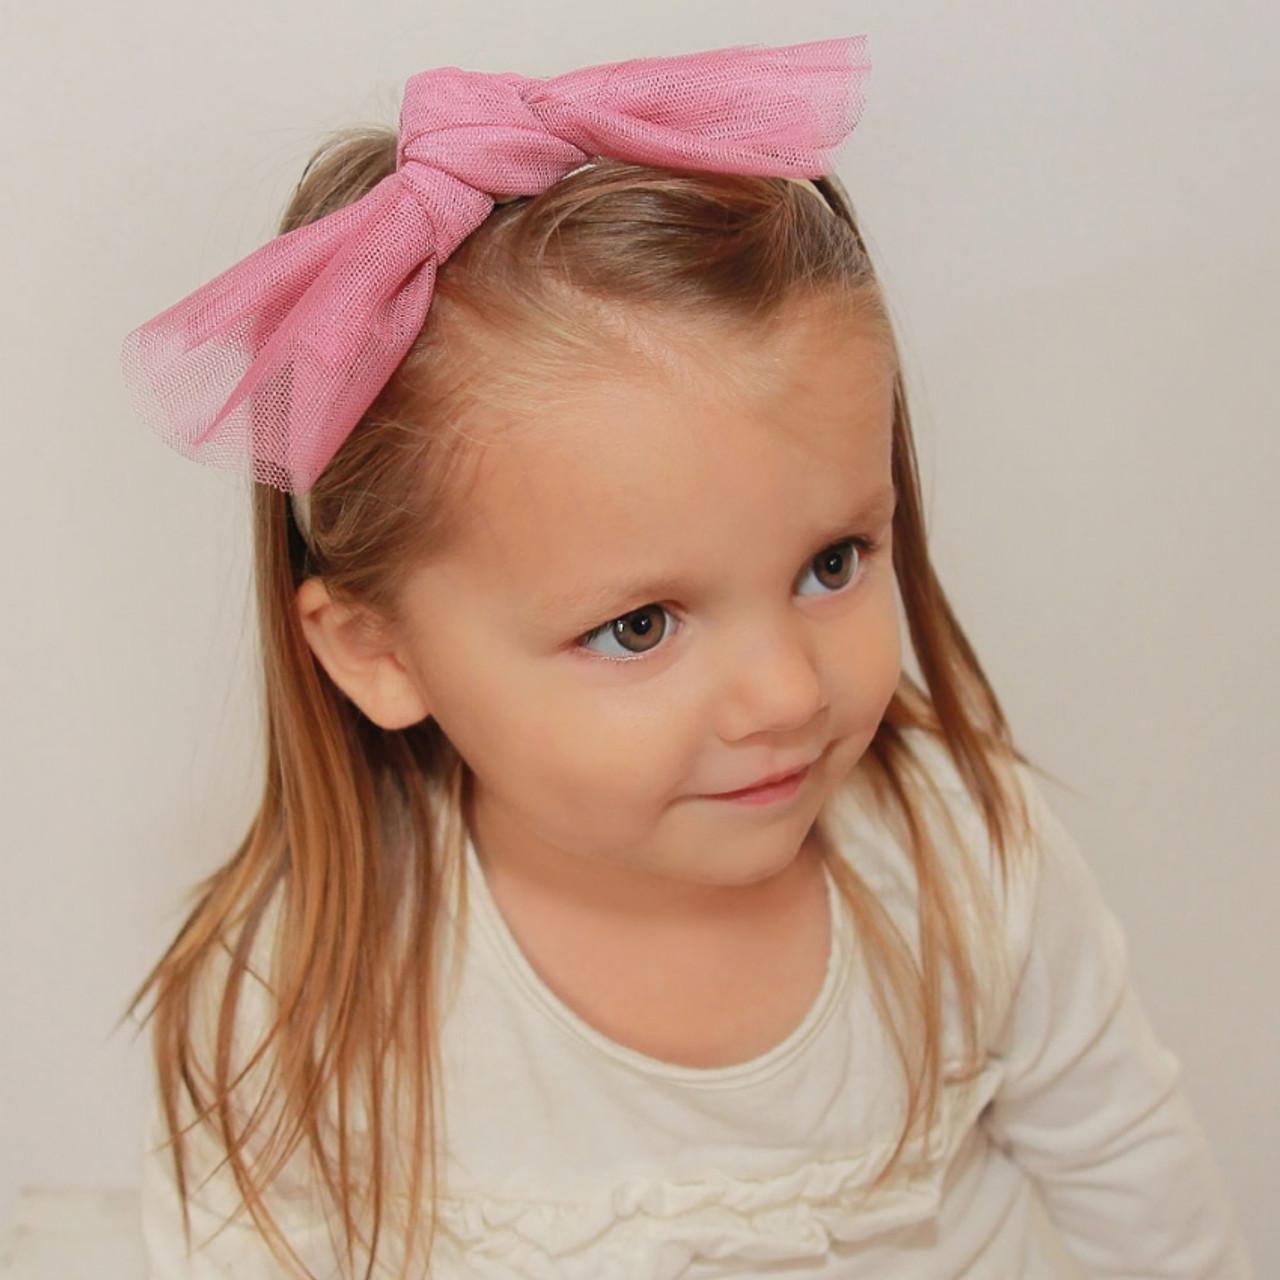 Riqki Baby Mesh Knot Headband - Double Header USA 5dca6731119